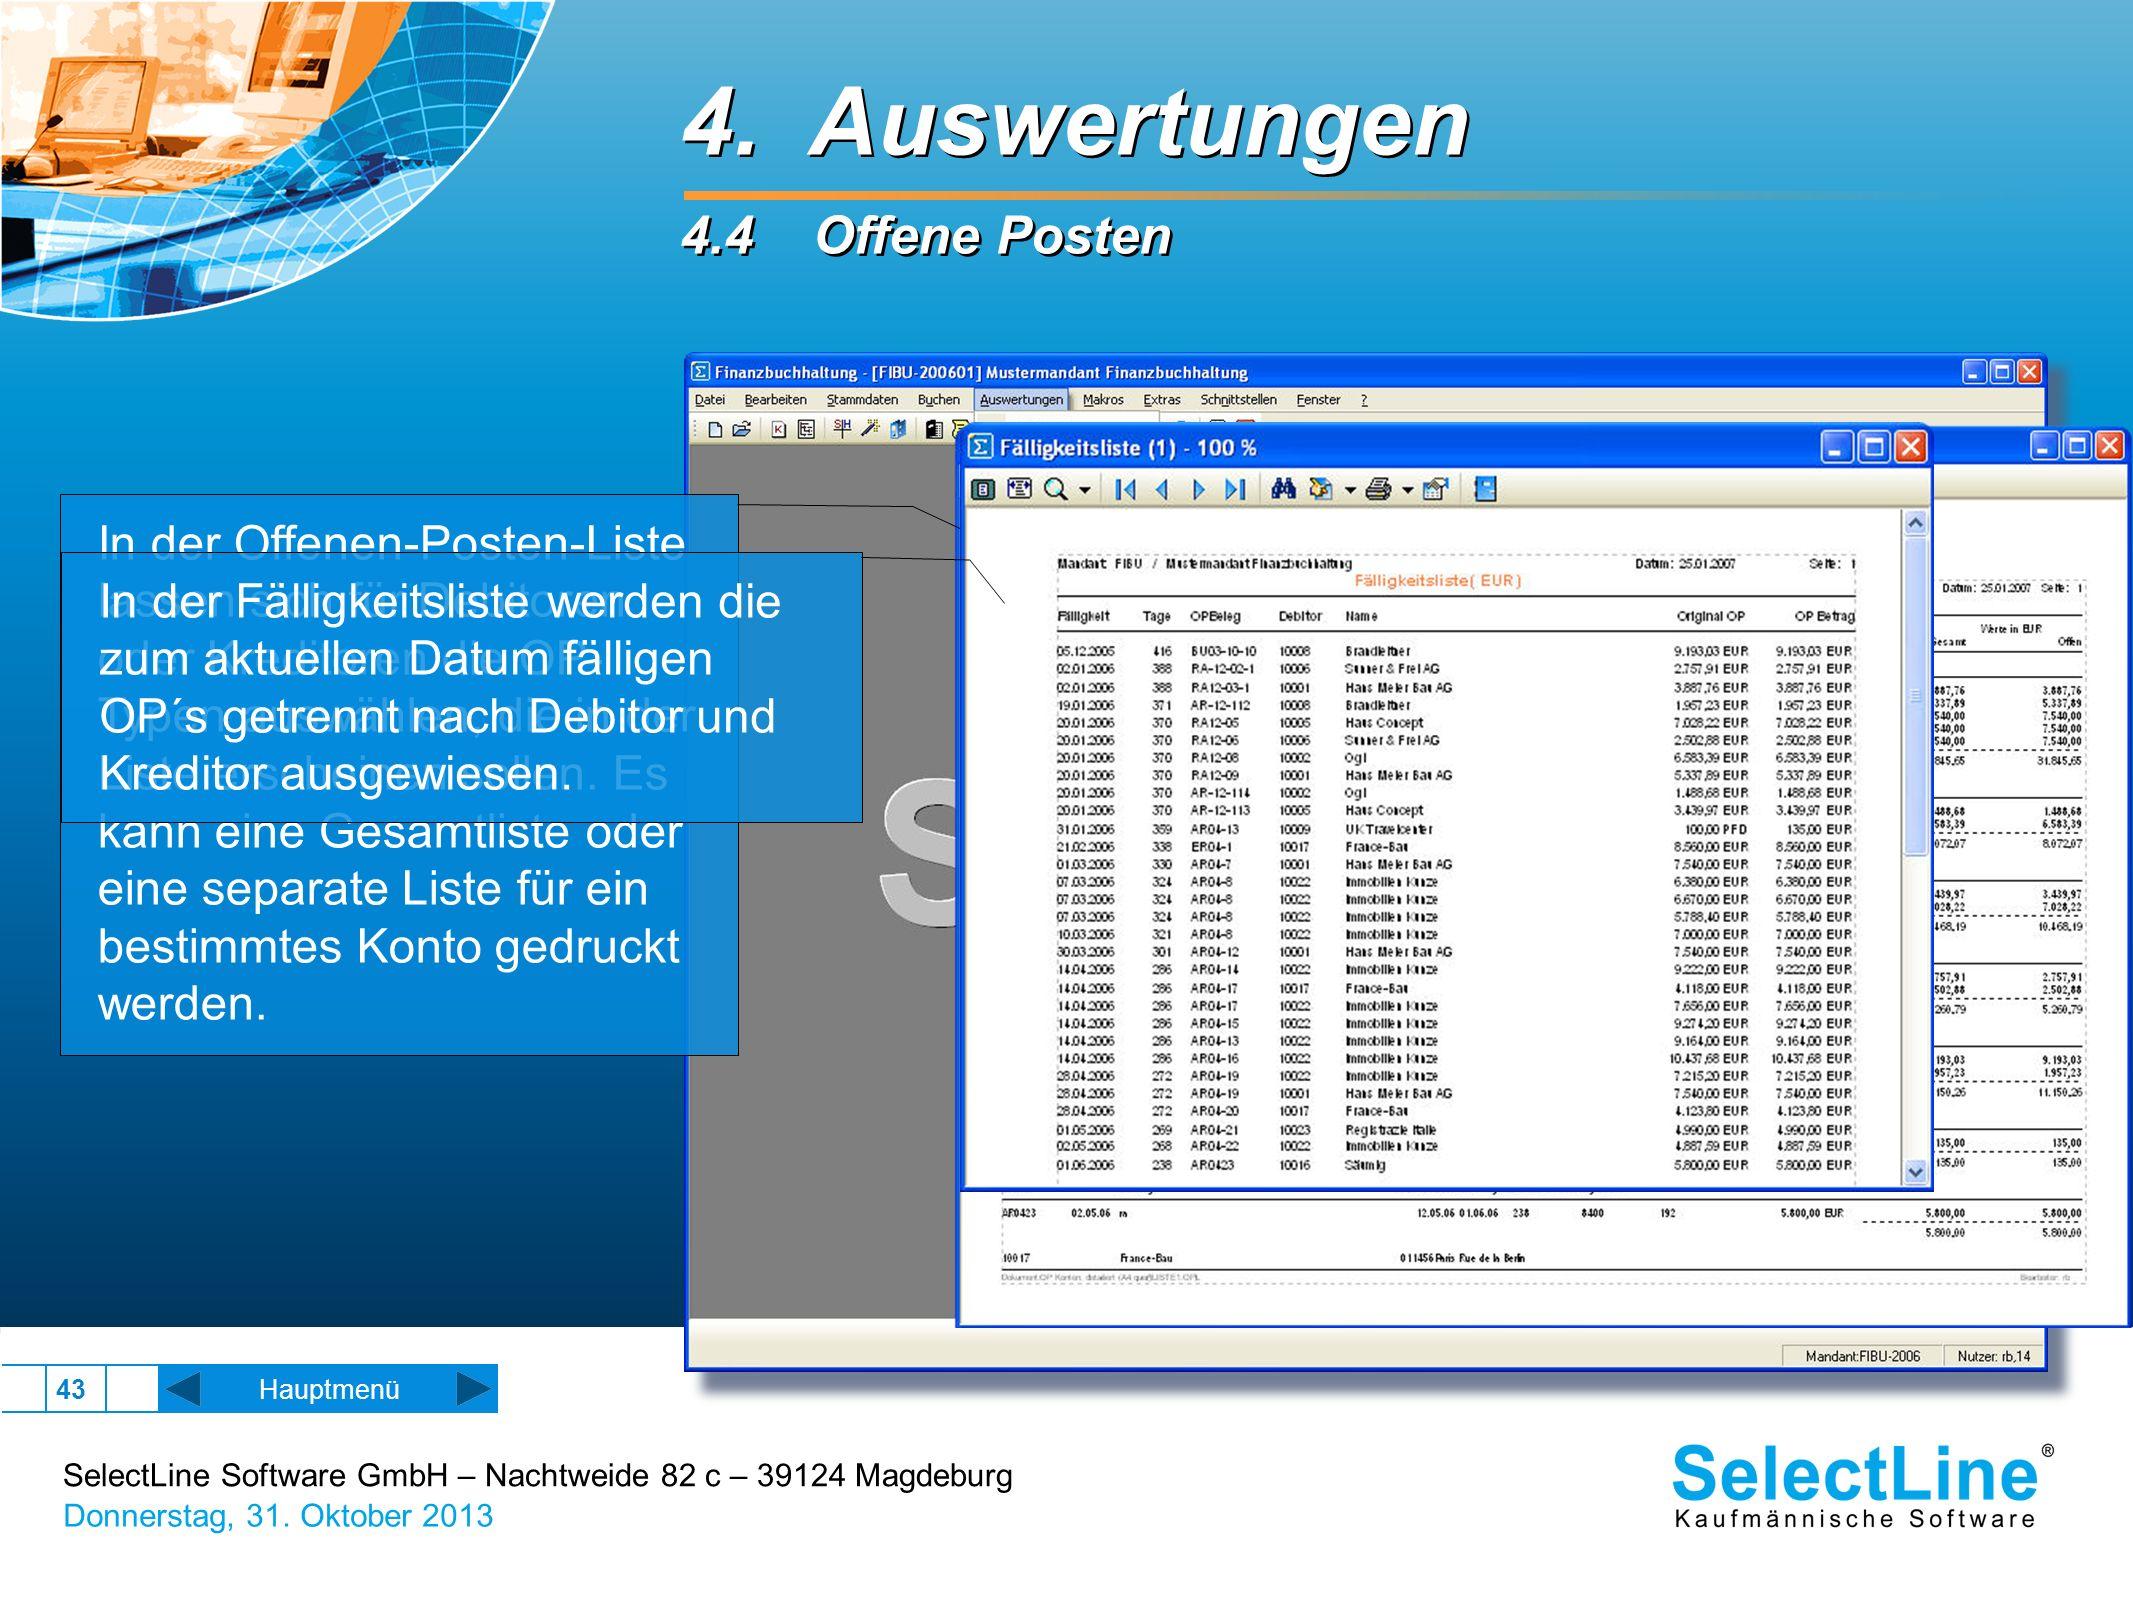 SelectLine Software GmbH – Nachtweide 82 c – 39124 Magdeburg Donnerstag, 31. Oktober 2013 43 Hauptmenü 4. Auswertungen 4.4 Offene Posten 4. Auswertung